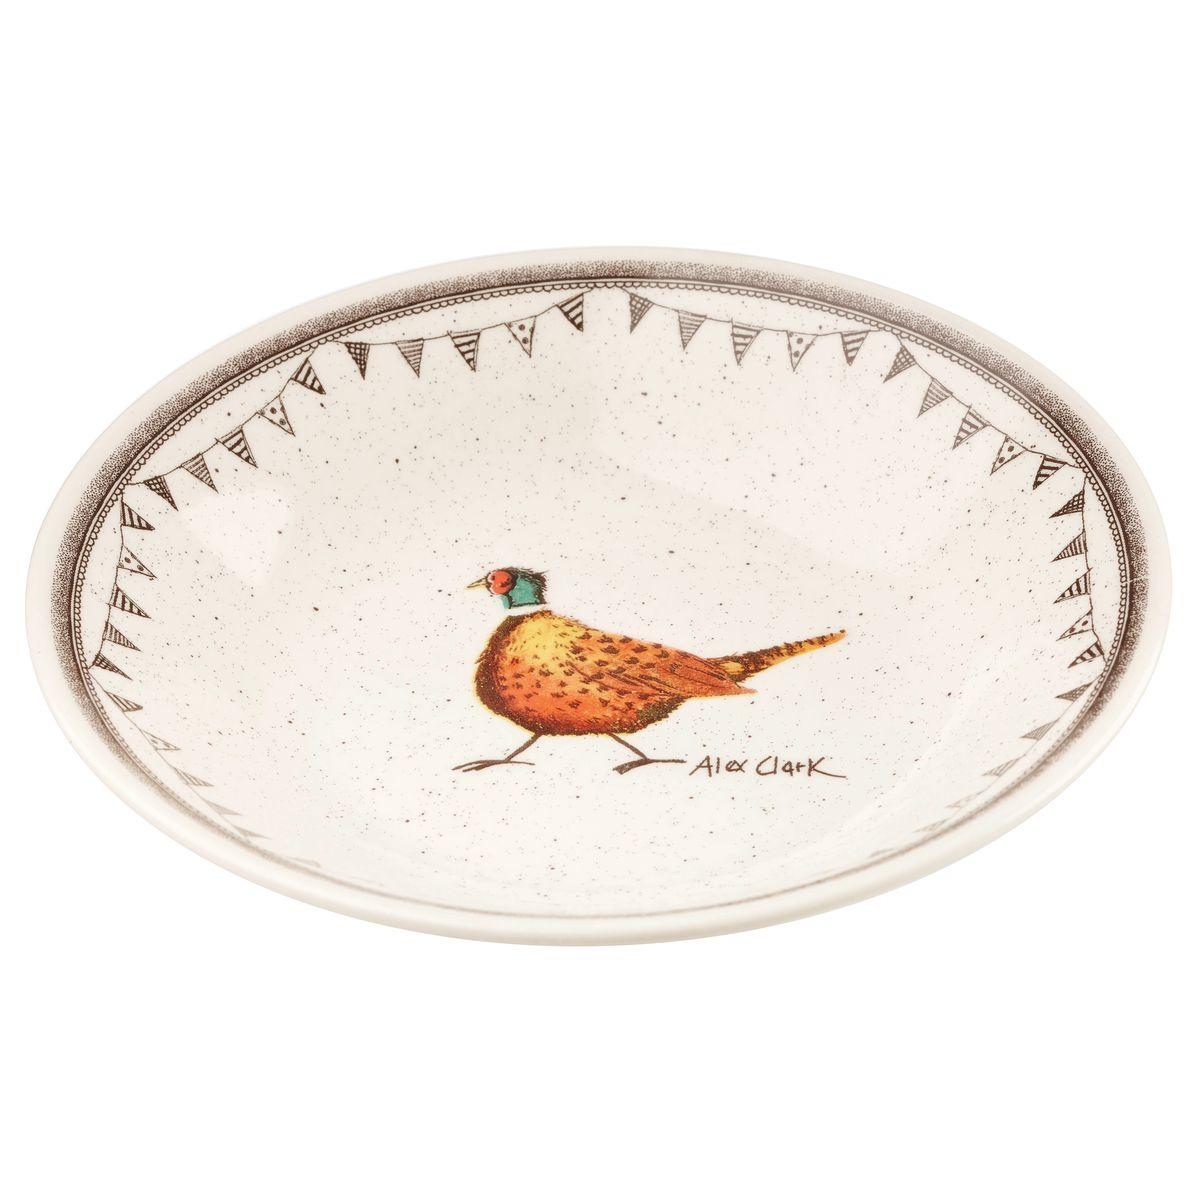 Тарелка суповая Churchill, диаметр 26 см. ACWL00081ACWL00081Коллекция Живая природа - уникальное сочетание живой природы и прекрасные воспоминания из детства. Лёгкий и простой дизайн с пастельными красками идеально подойдёт для любой кухни. Материал: Фарфор, керамика, фаянс, костяной фарфор. Можно мыть в посудомоечной машине Можно использовать в микроволновой печи